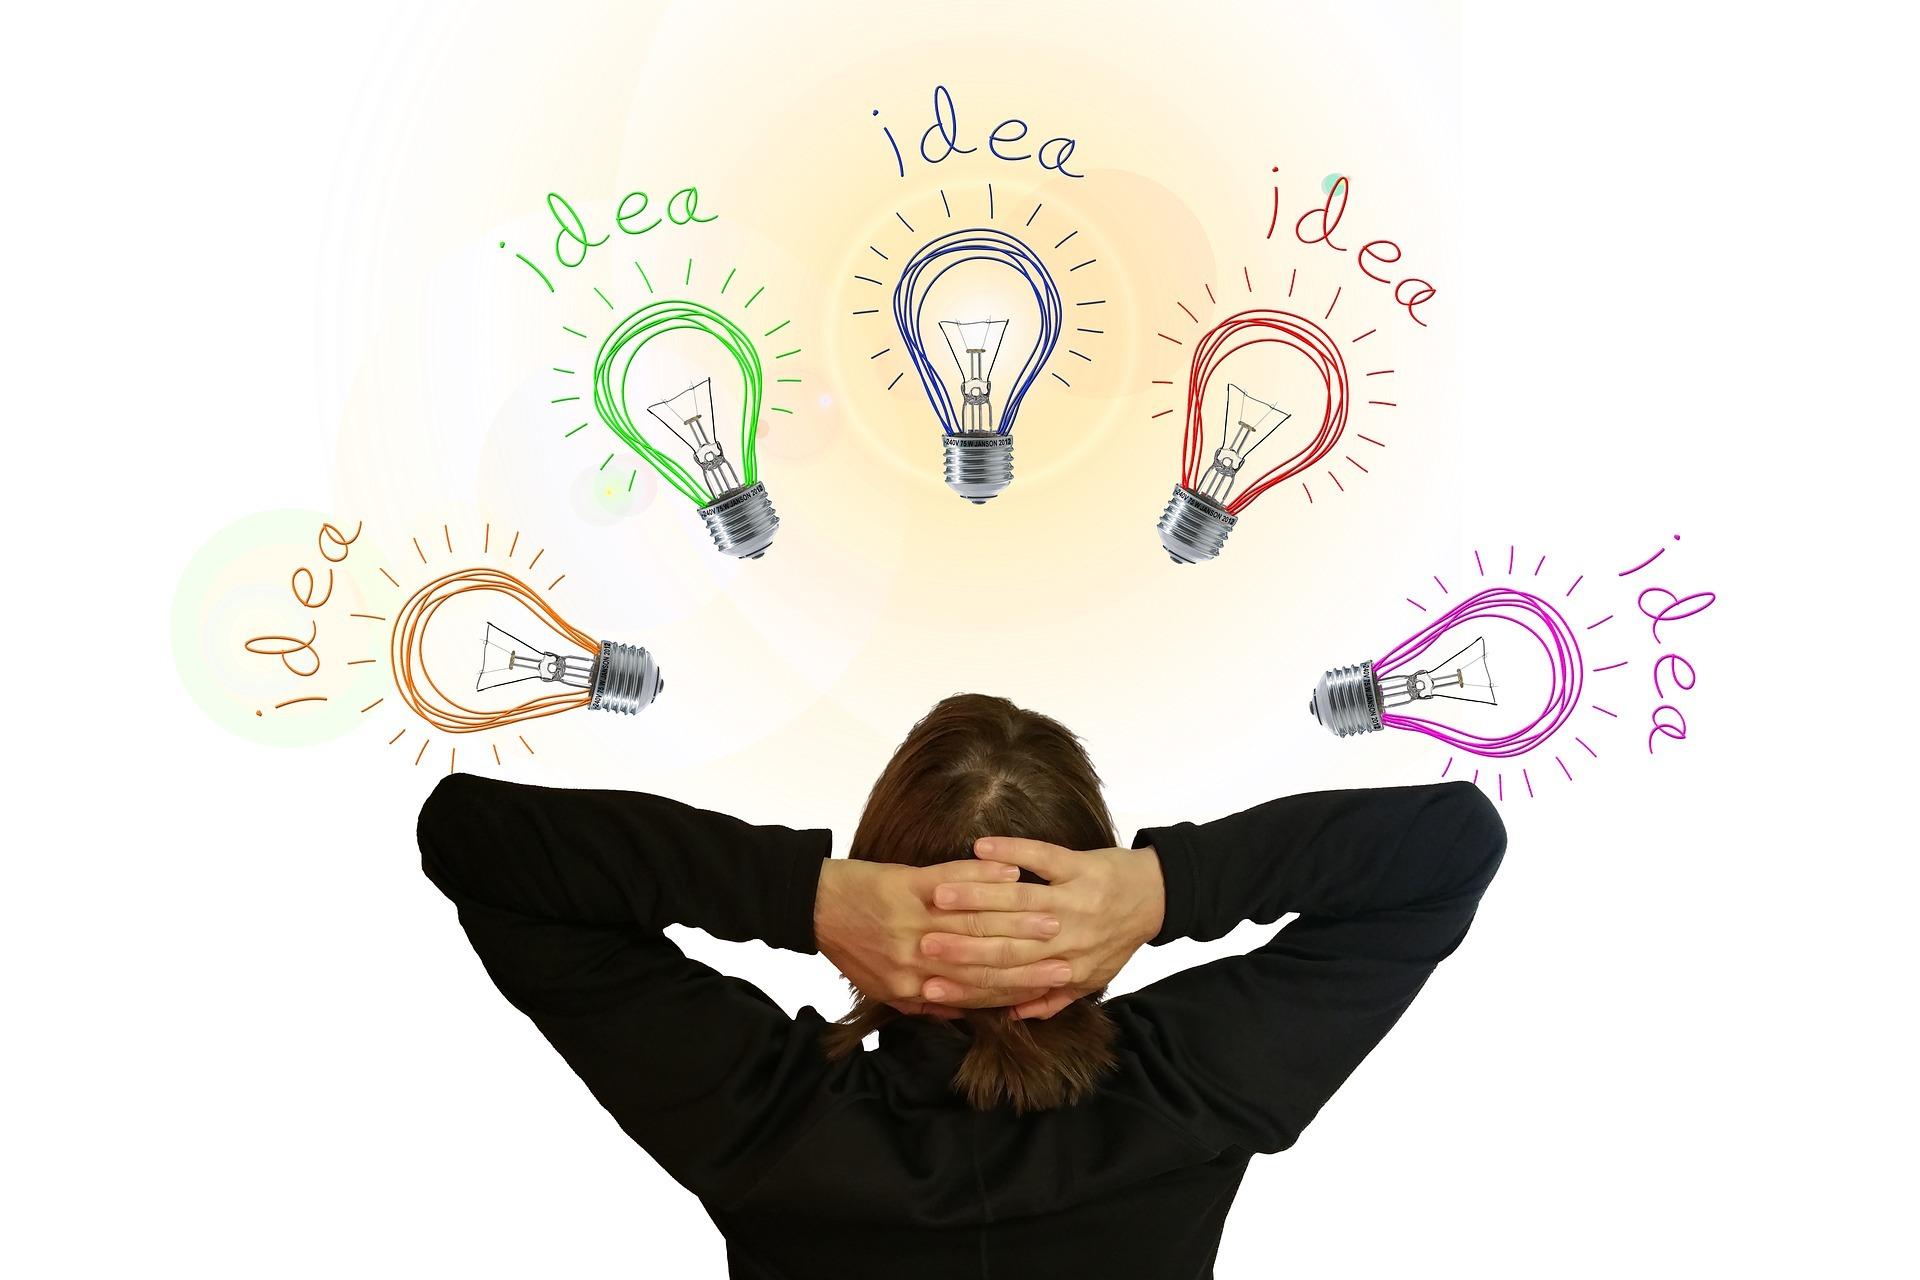 Henkilön pään päälle piirrettynä viisi kertaa hehkulamppu ja teksti idea.